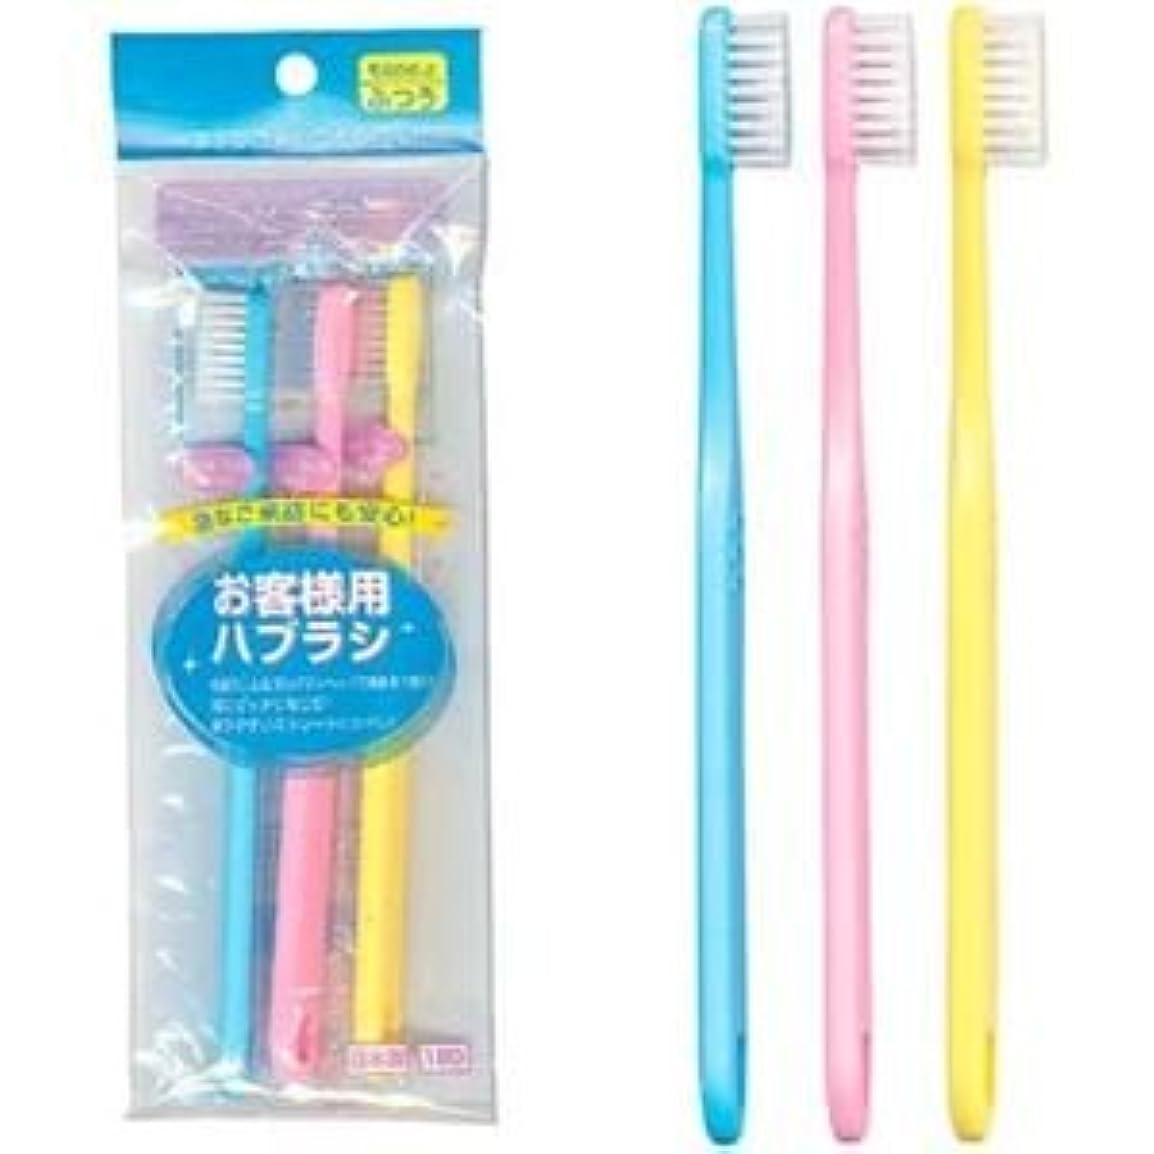 マーガレットミッチェル楕円形汚すお客様用歯ブラシ(3P) 【12個セット】 41-006